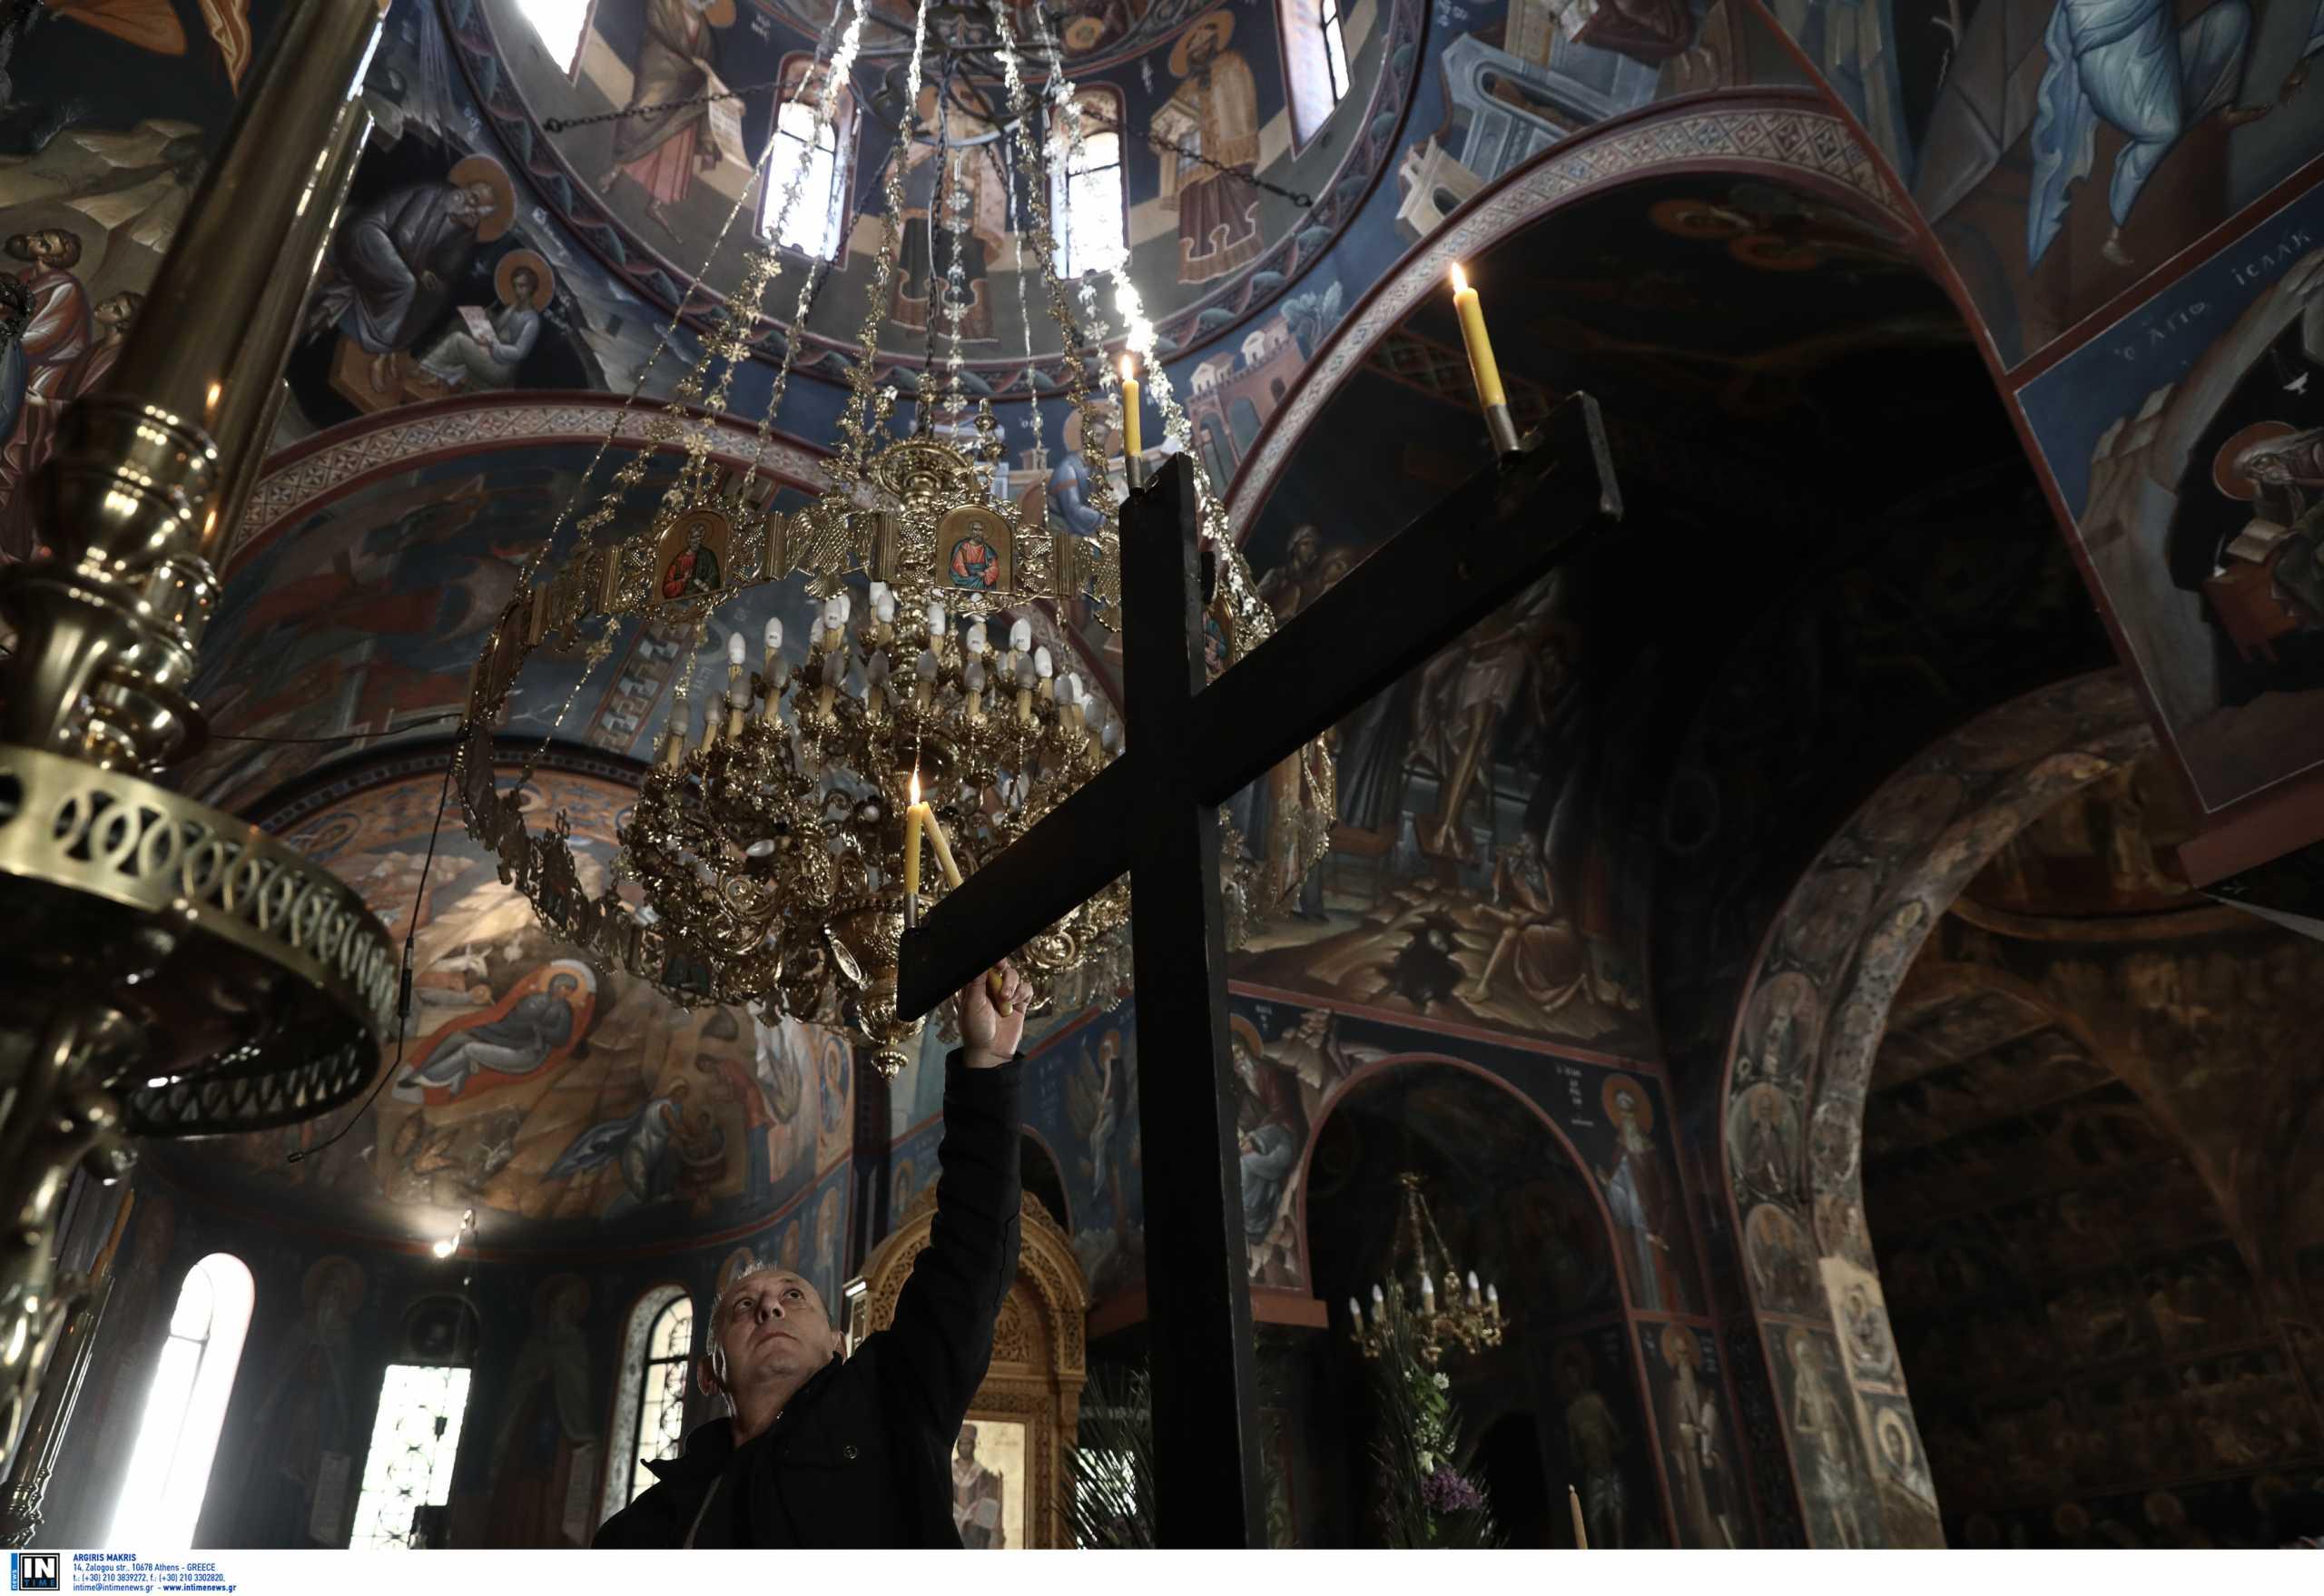 Μεγάλη Πέμπτη: Ο Πέτρος Γαϊτάνος ψάλλει το θρήνο της Παναγίας